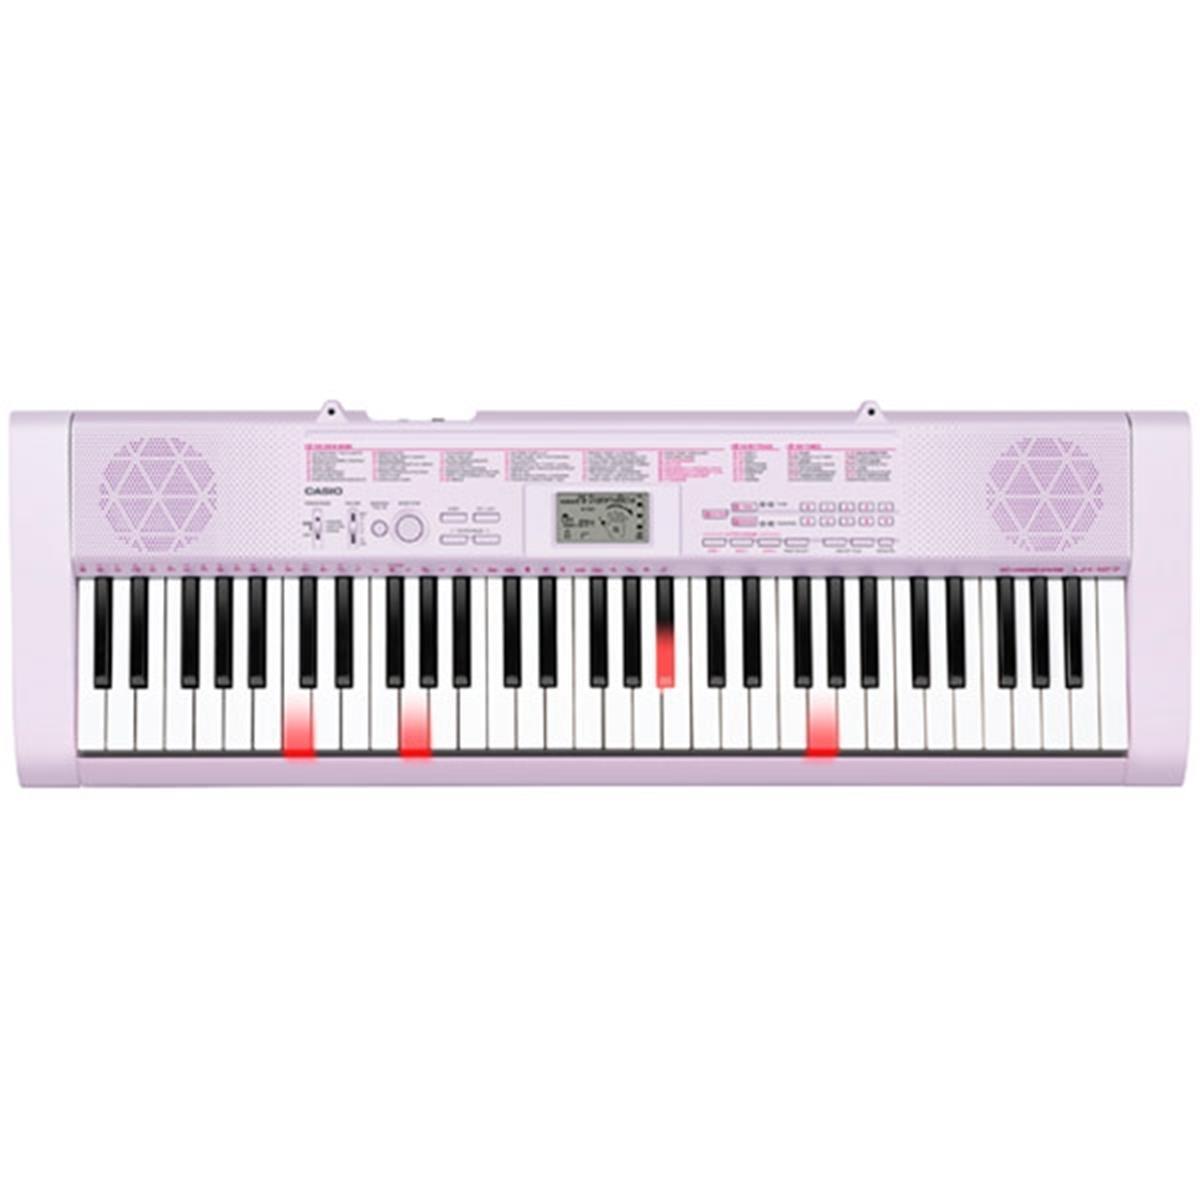 Teclado Musical Eletrônico 61 Teclas 50 Ritmos Lk - 127 Casio